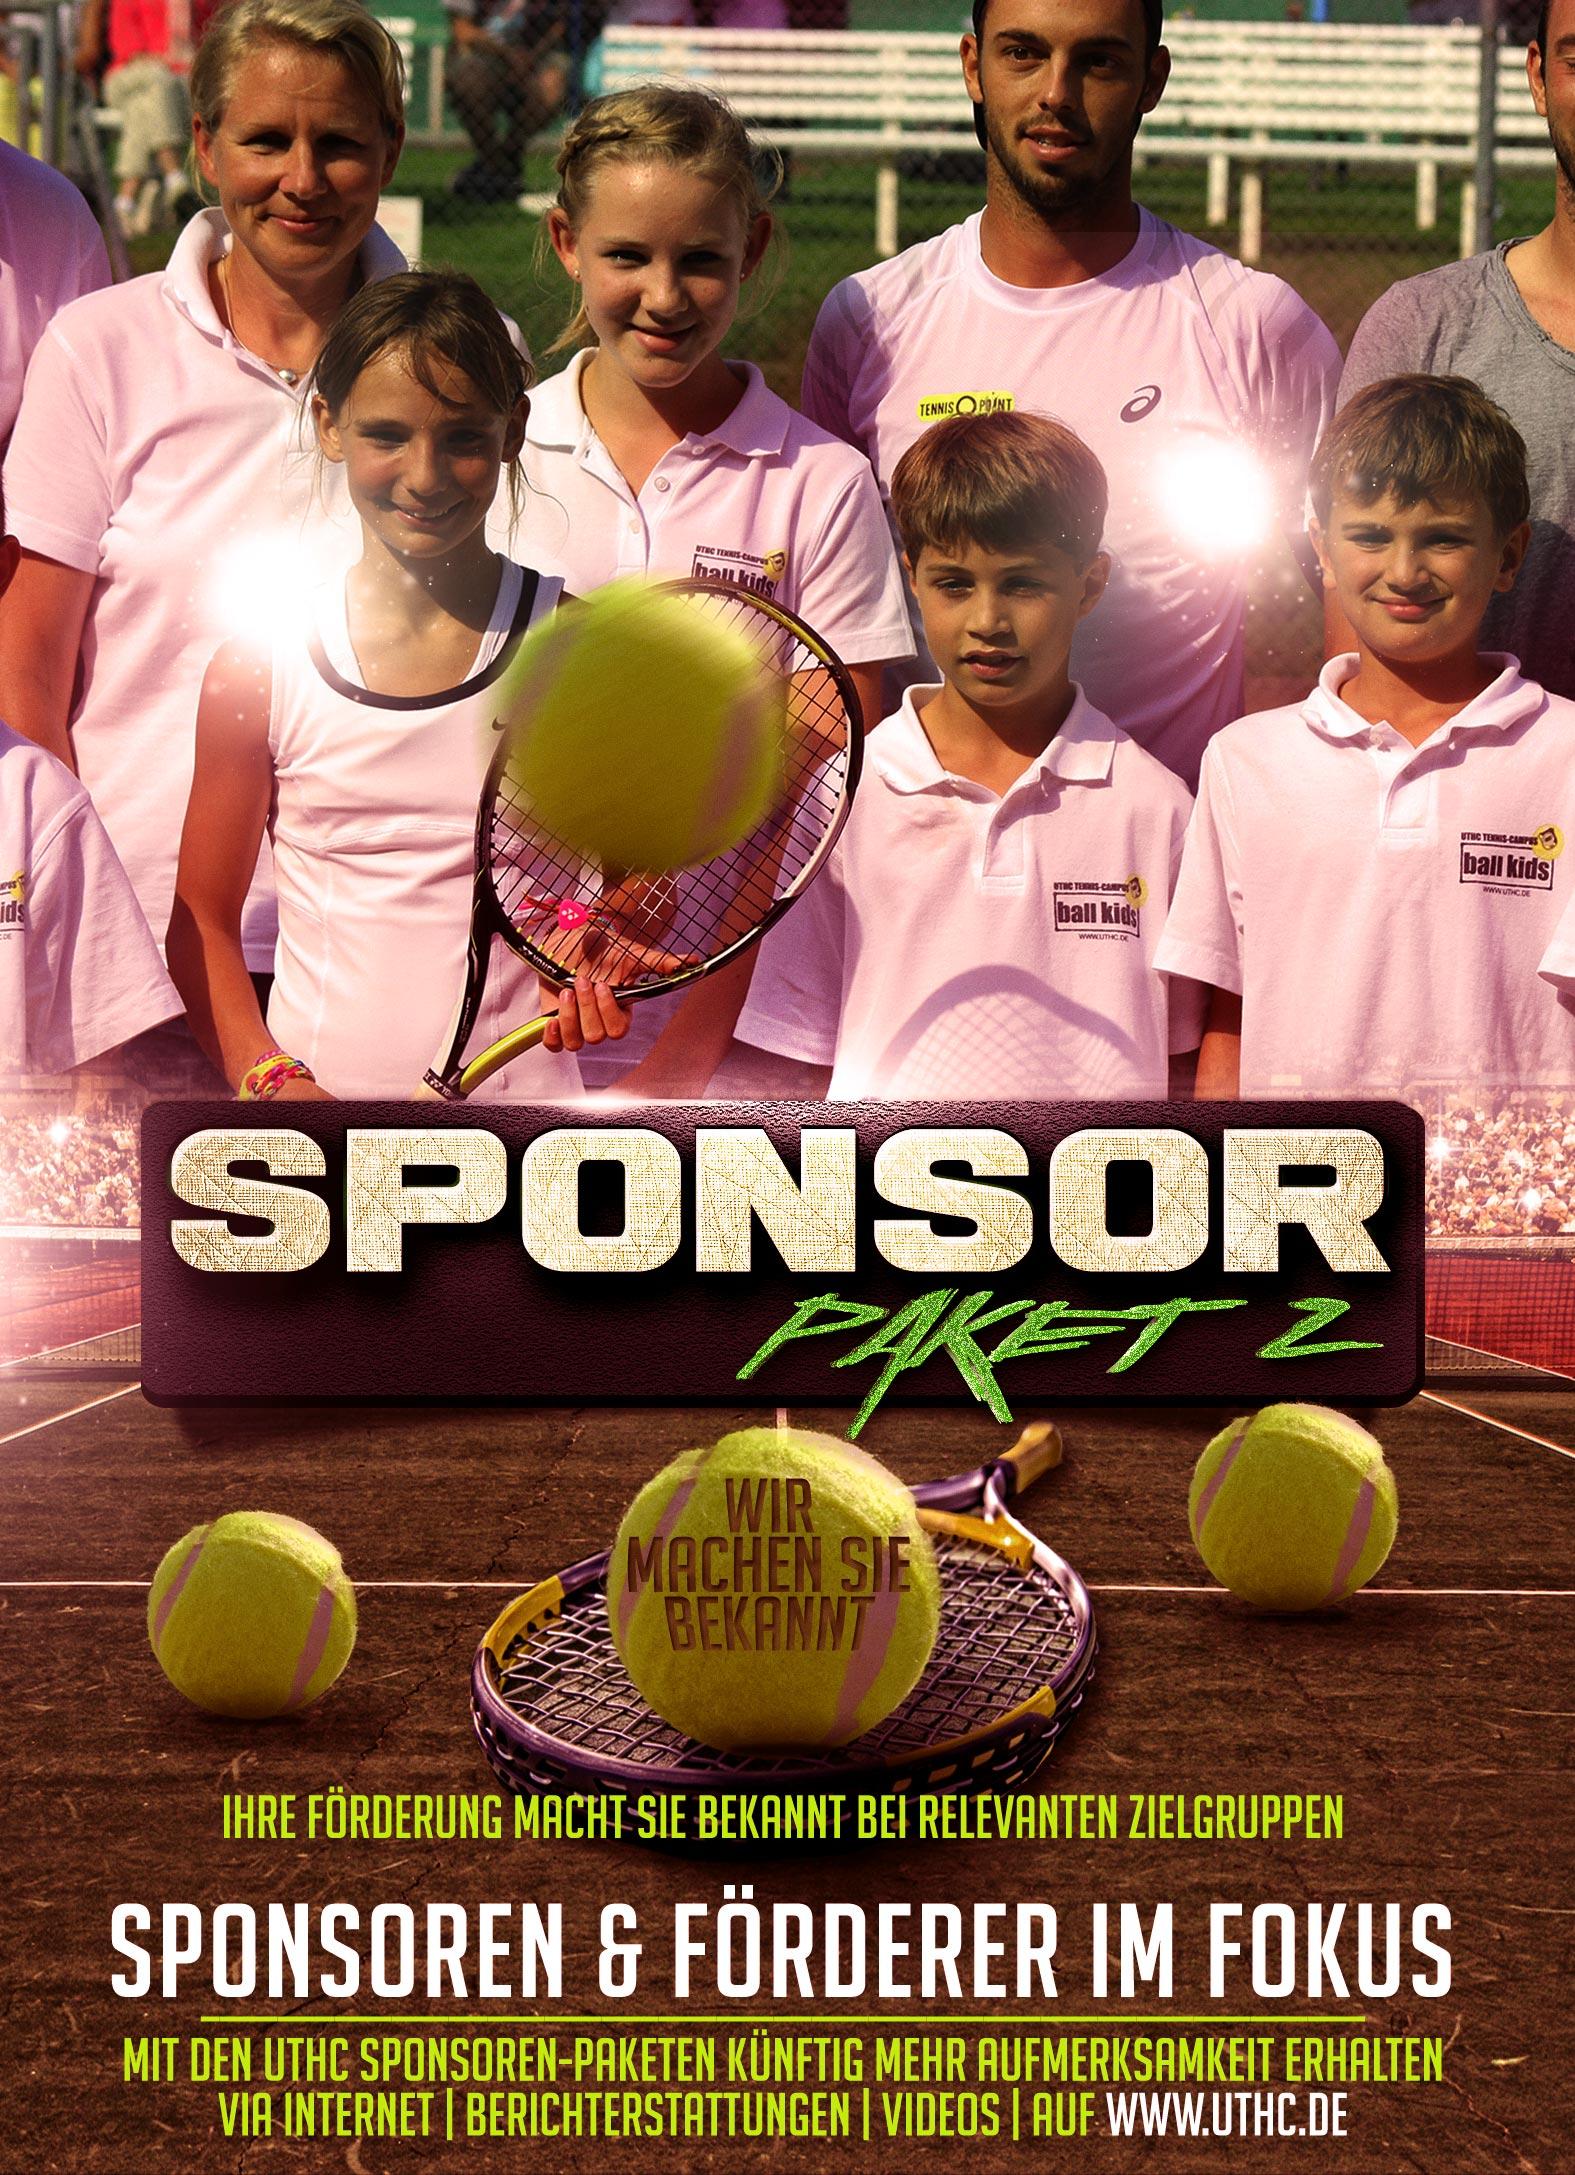 Tennis Sponsoren Paket 2